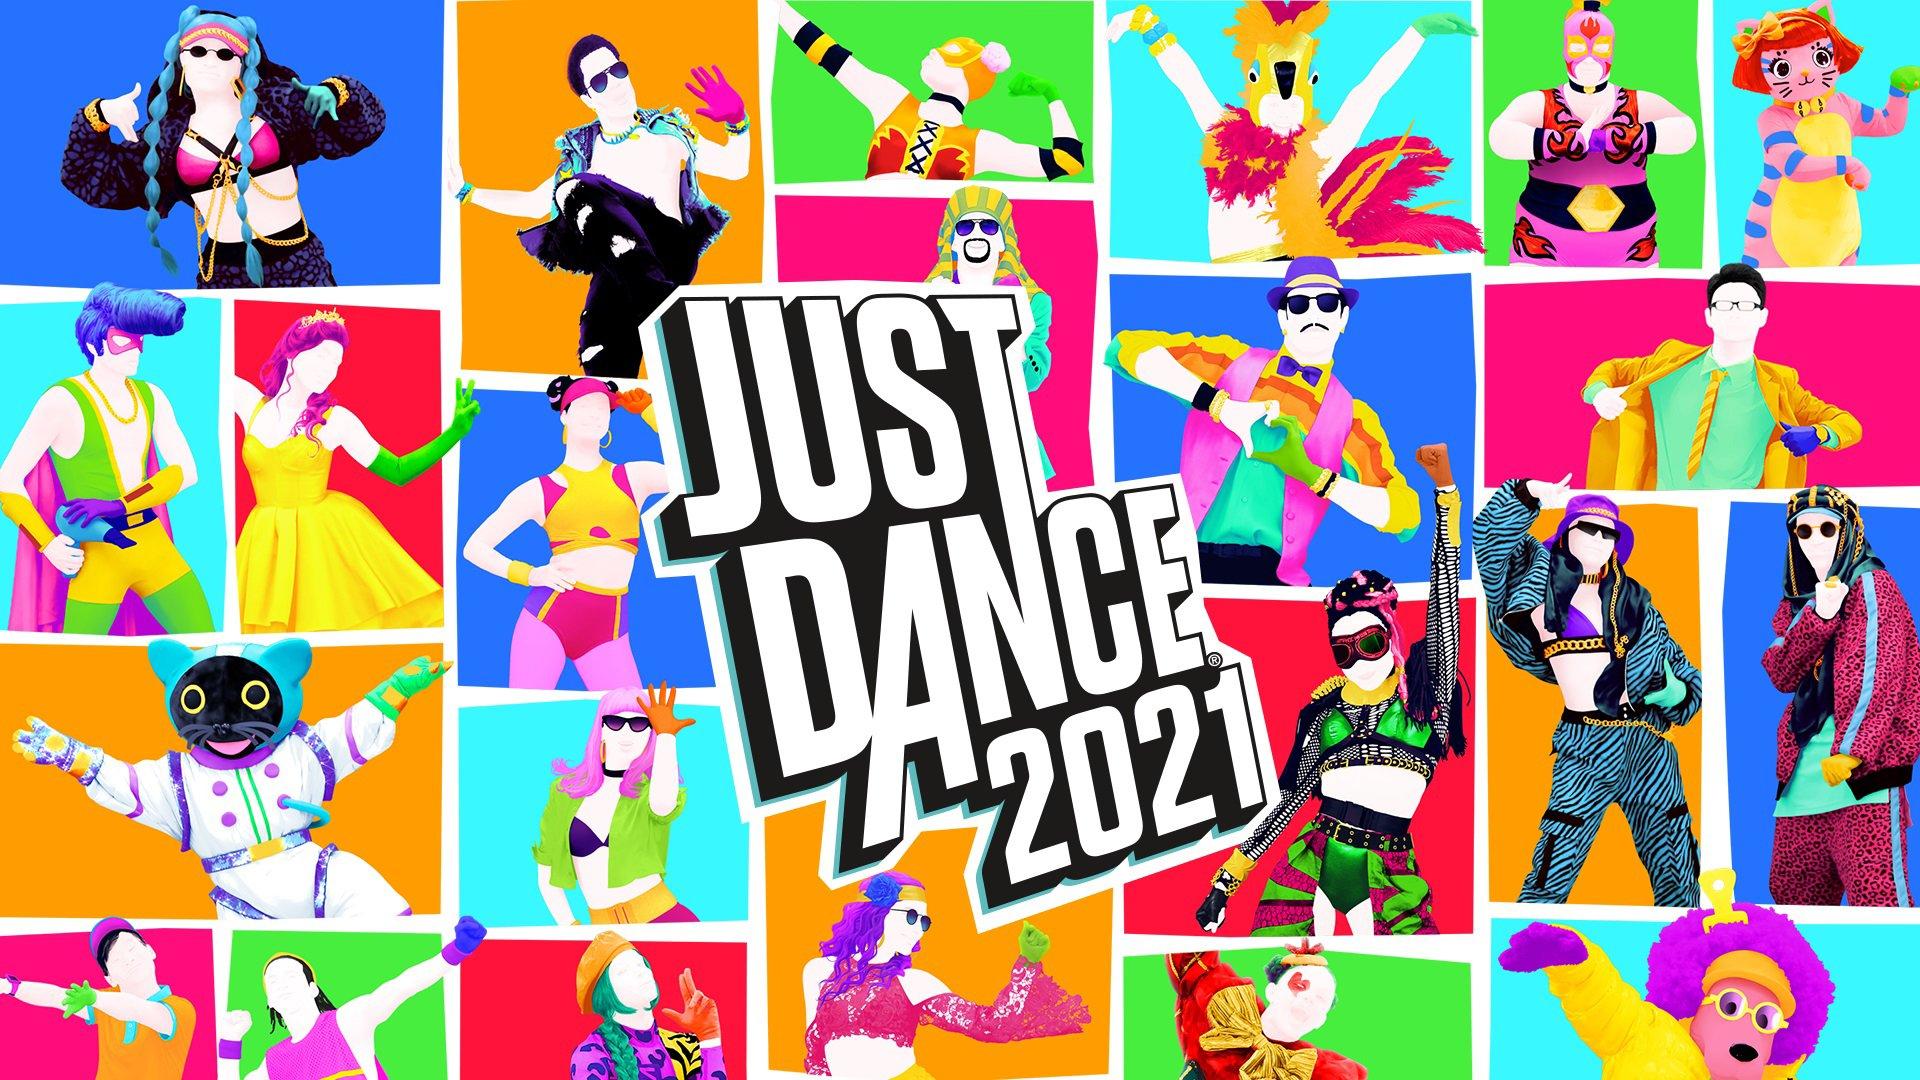 Just Dance 2021 announced for November | Shacknews